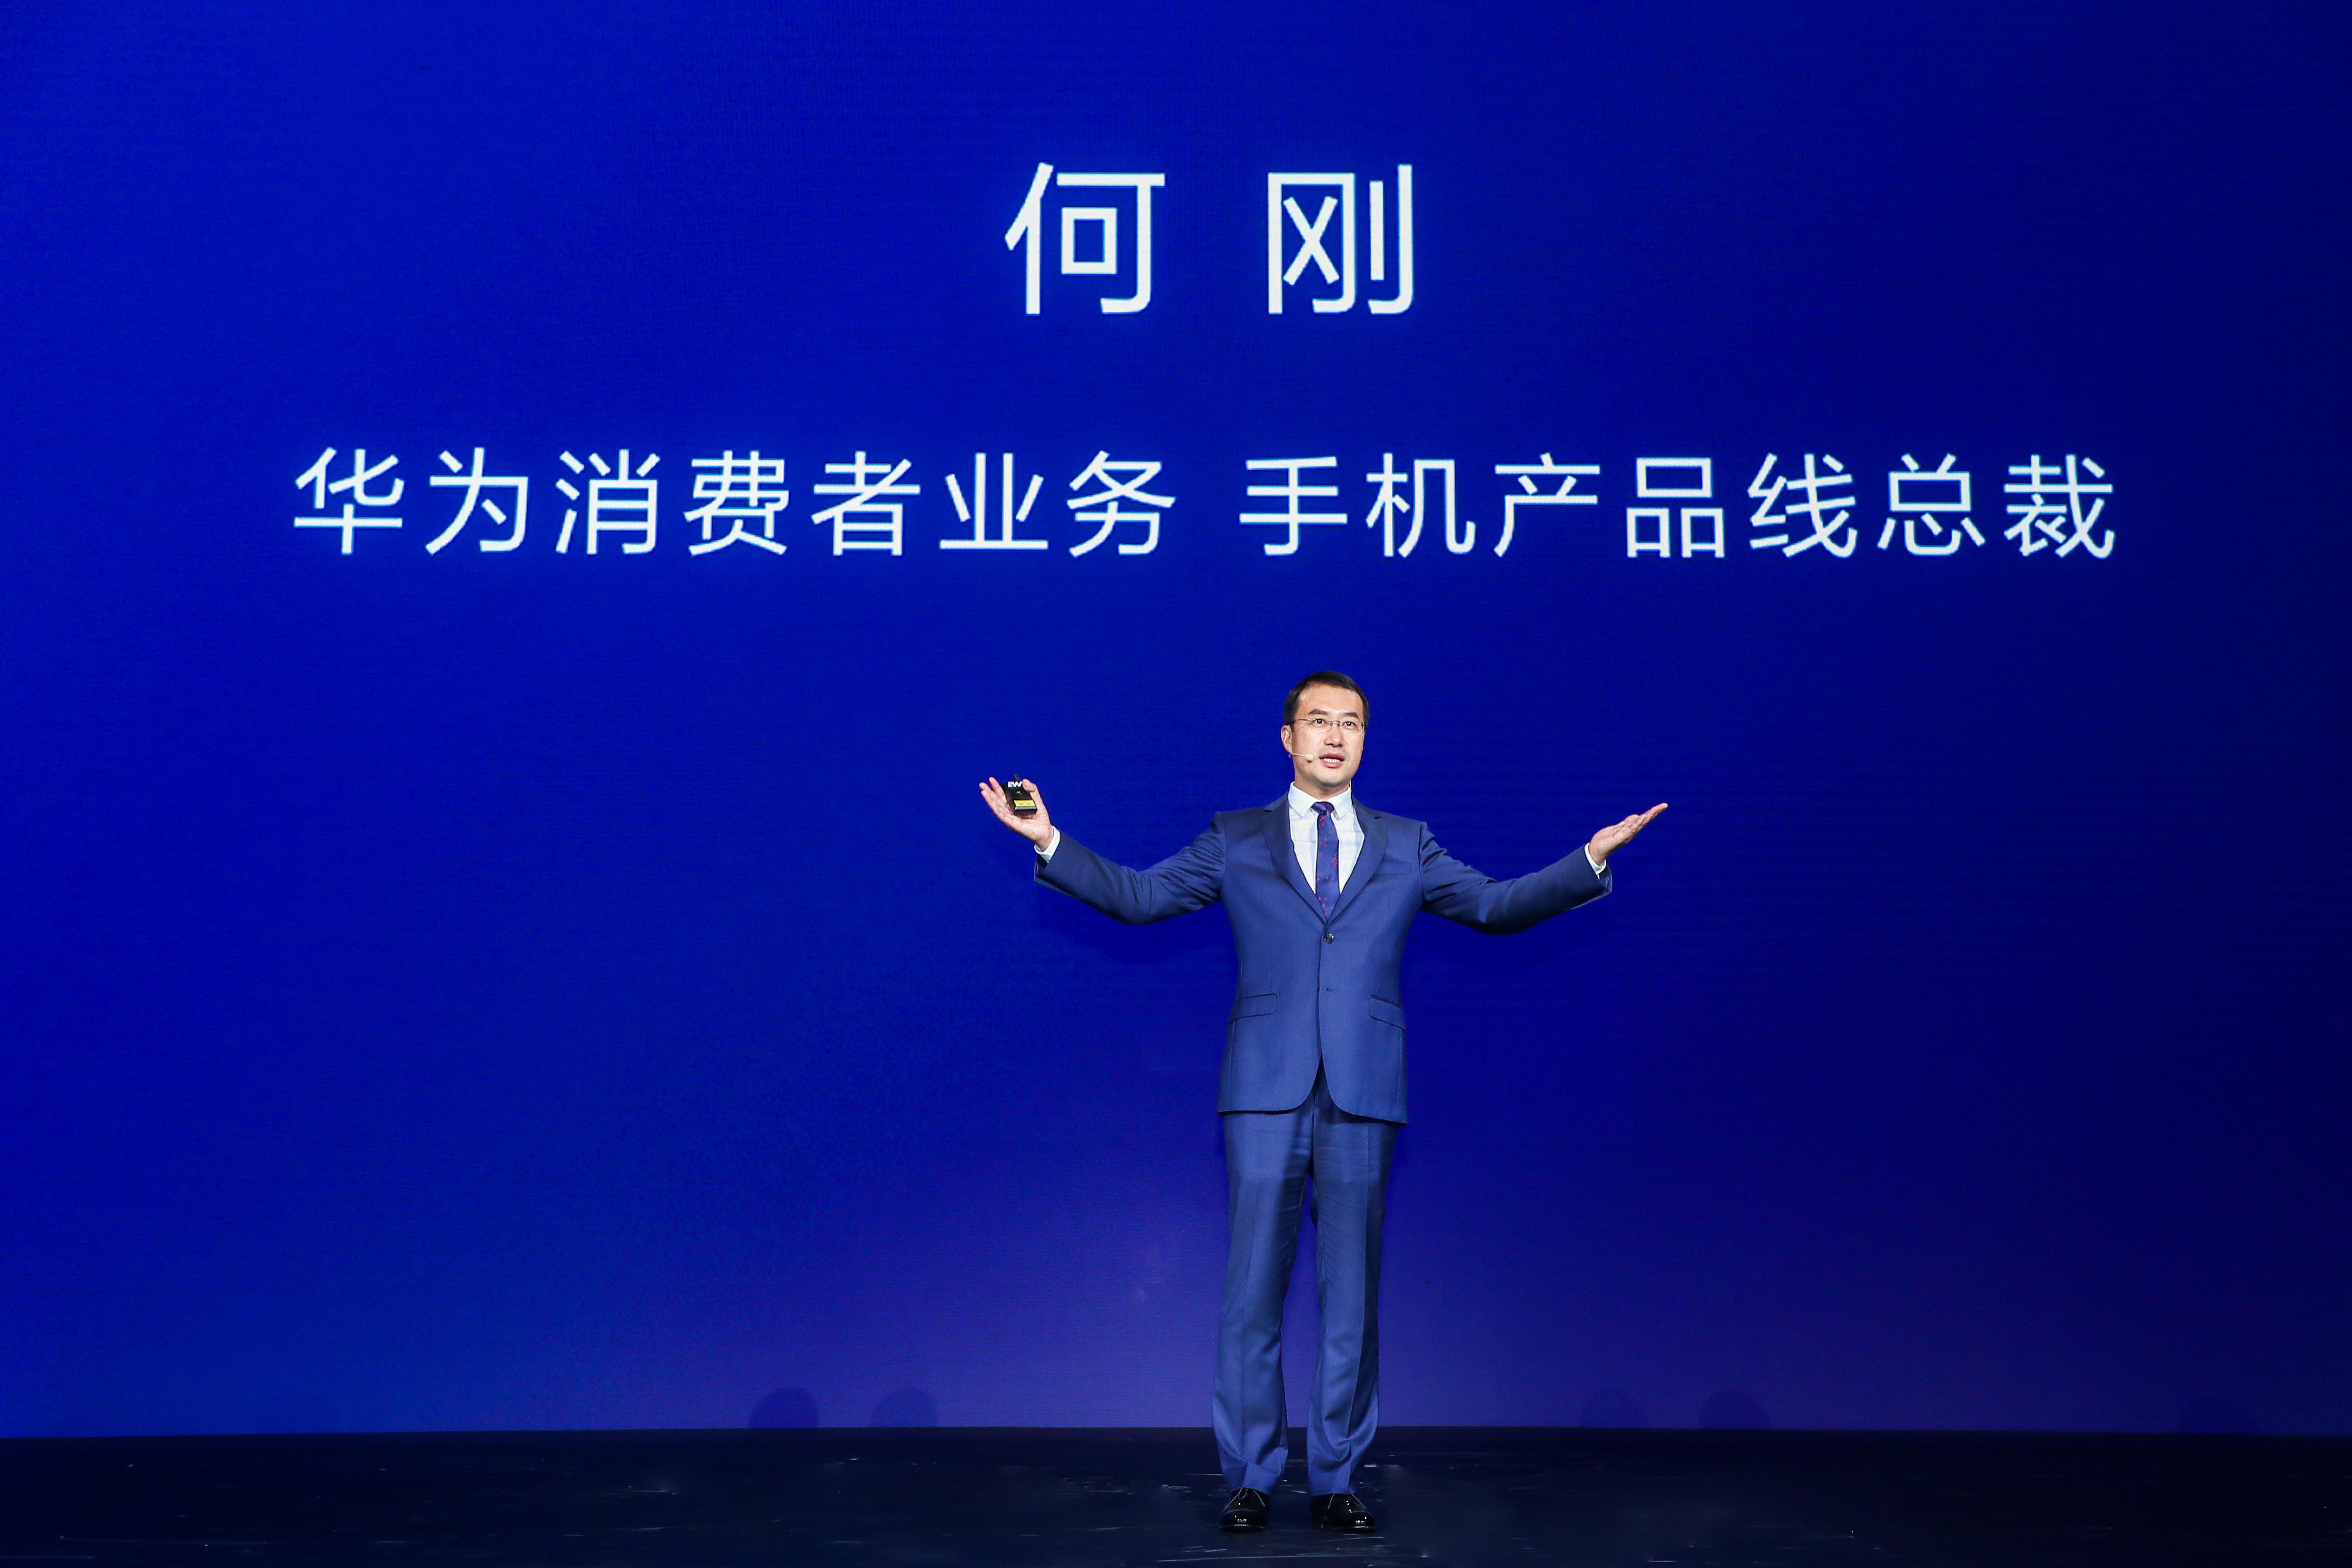 华为何刚:畅享系列2019年将冲刺4000万台国内目标 畅享10 Plus担当重任